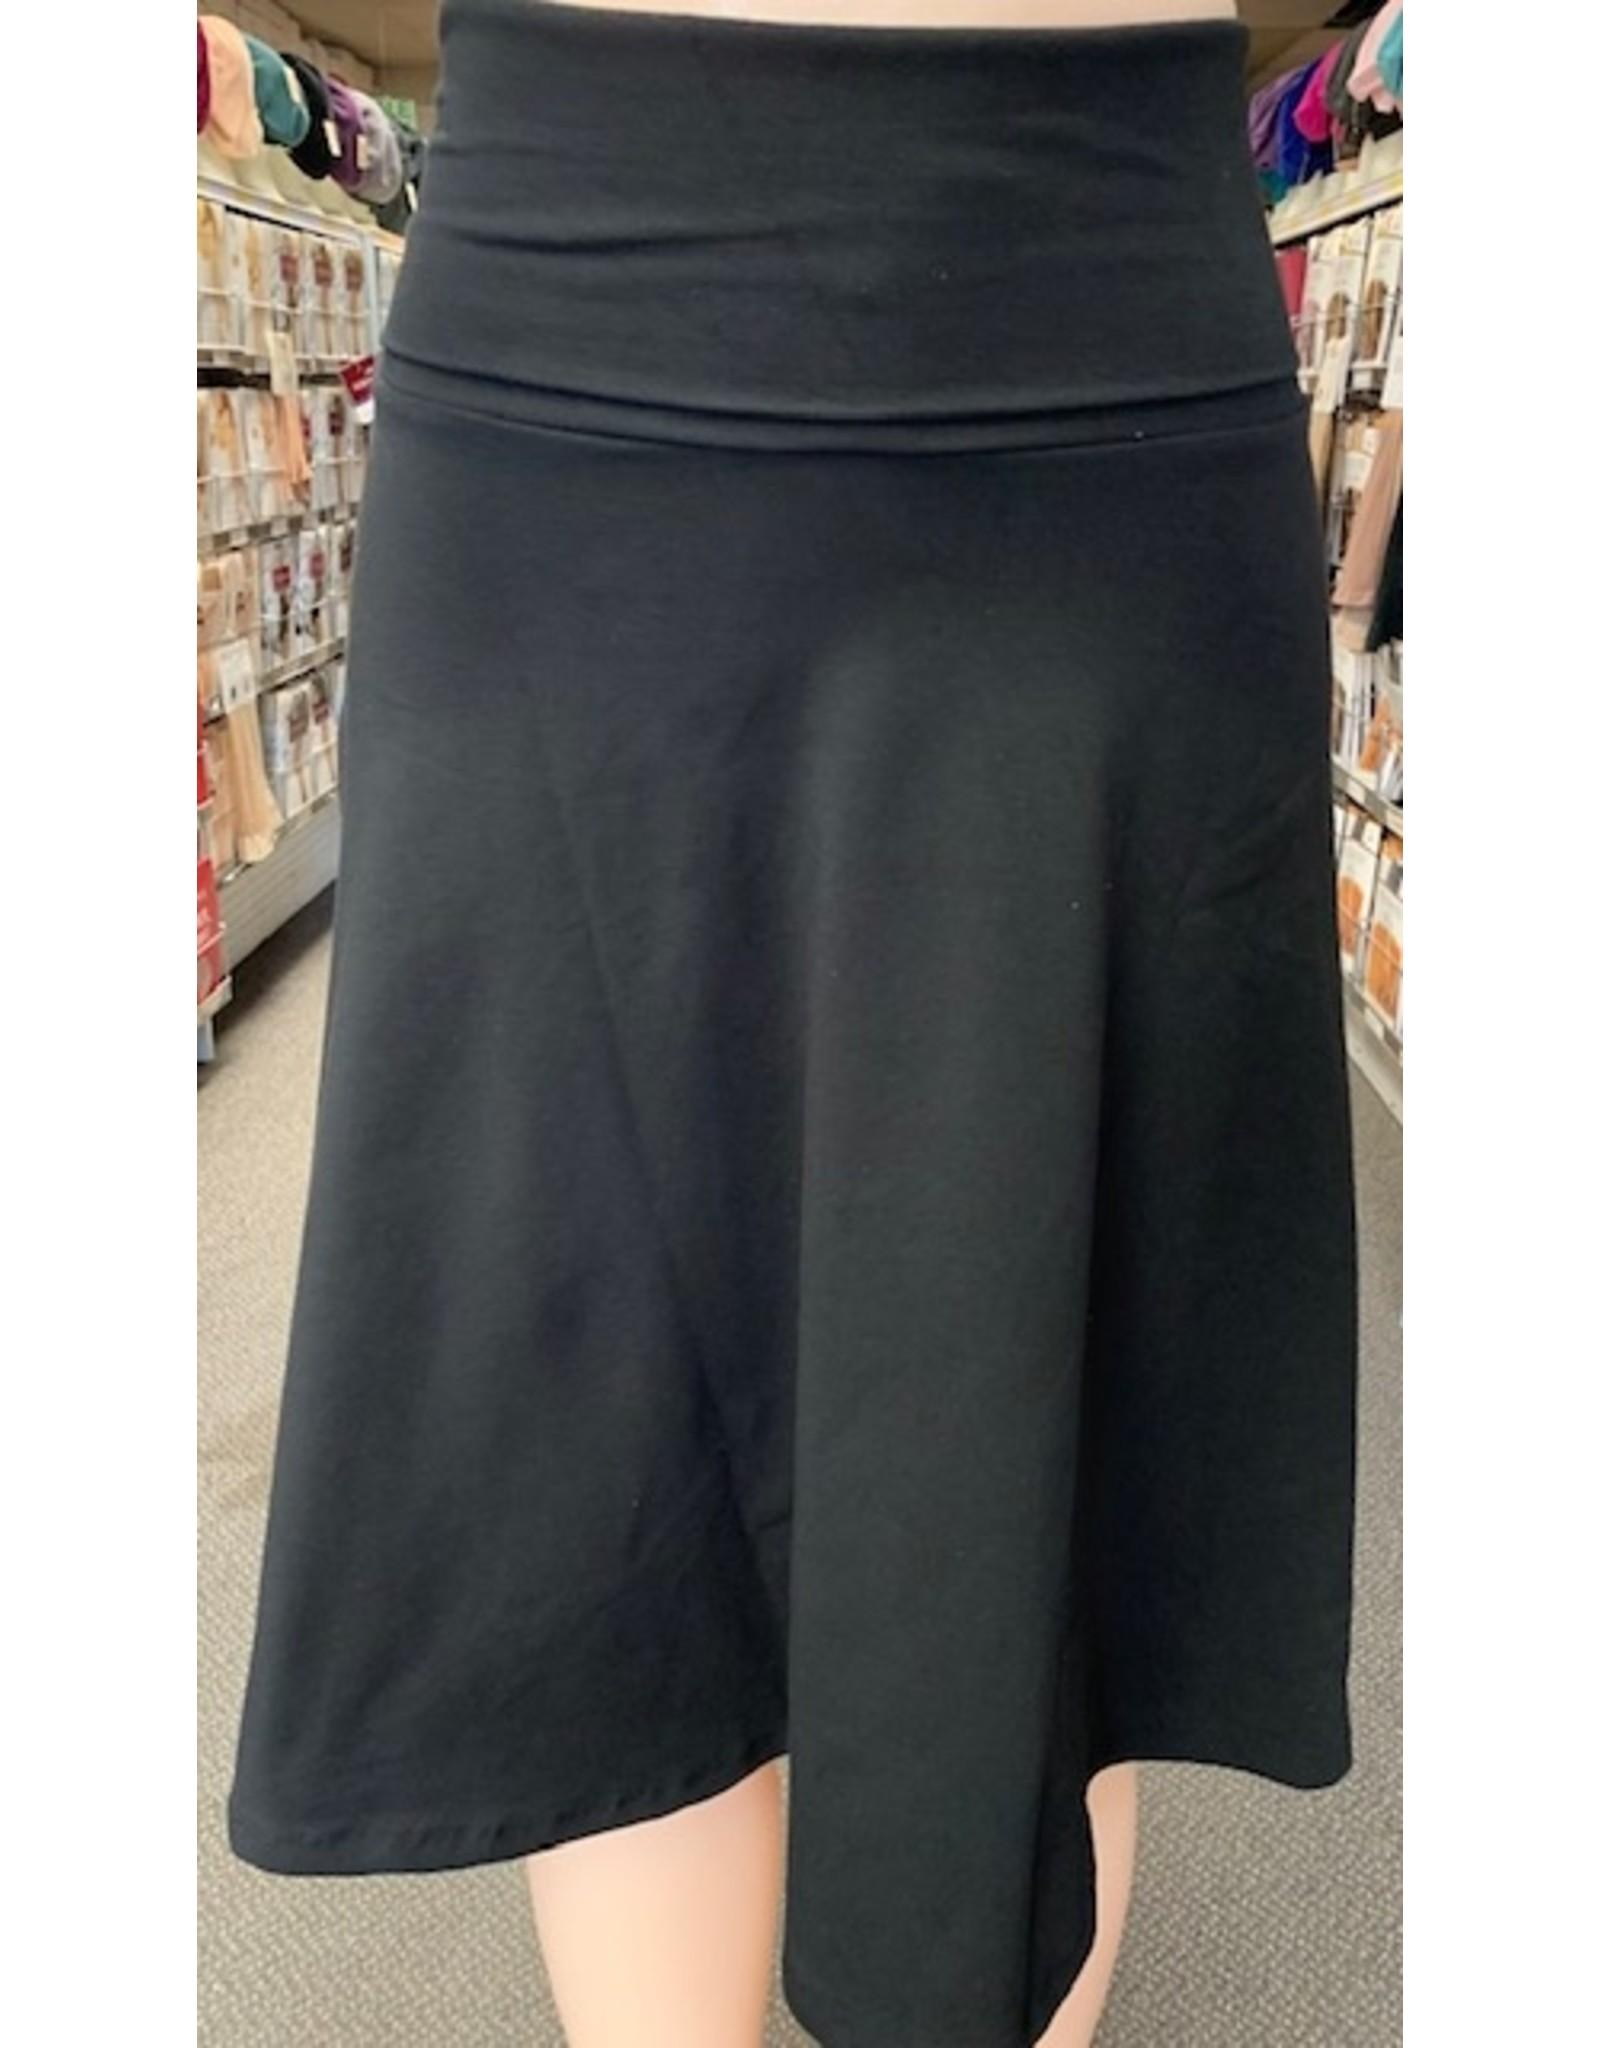 Kiki Riki Kiki Riki Fold Over Skirt 40859